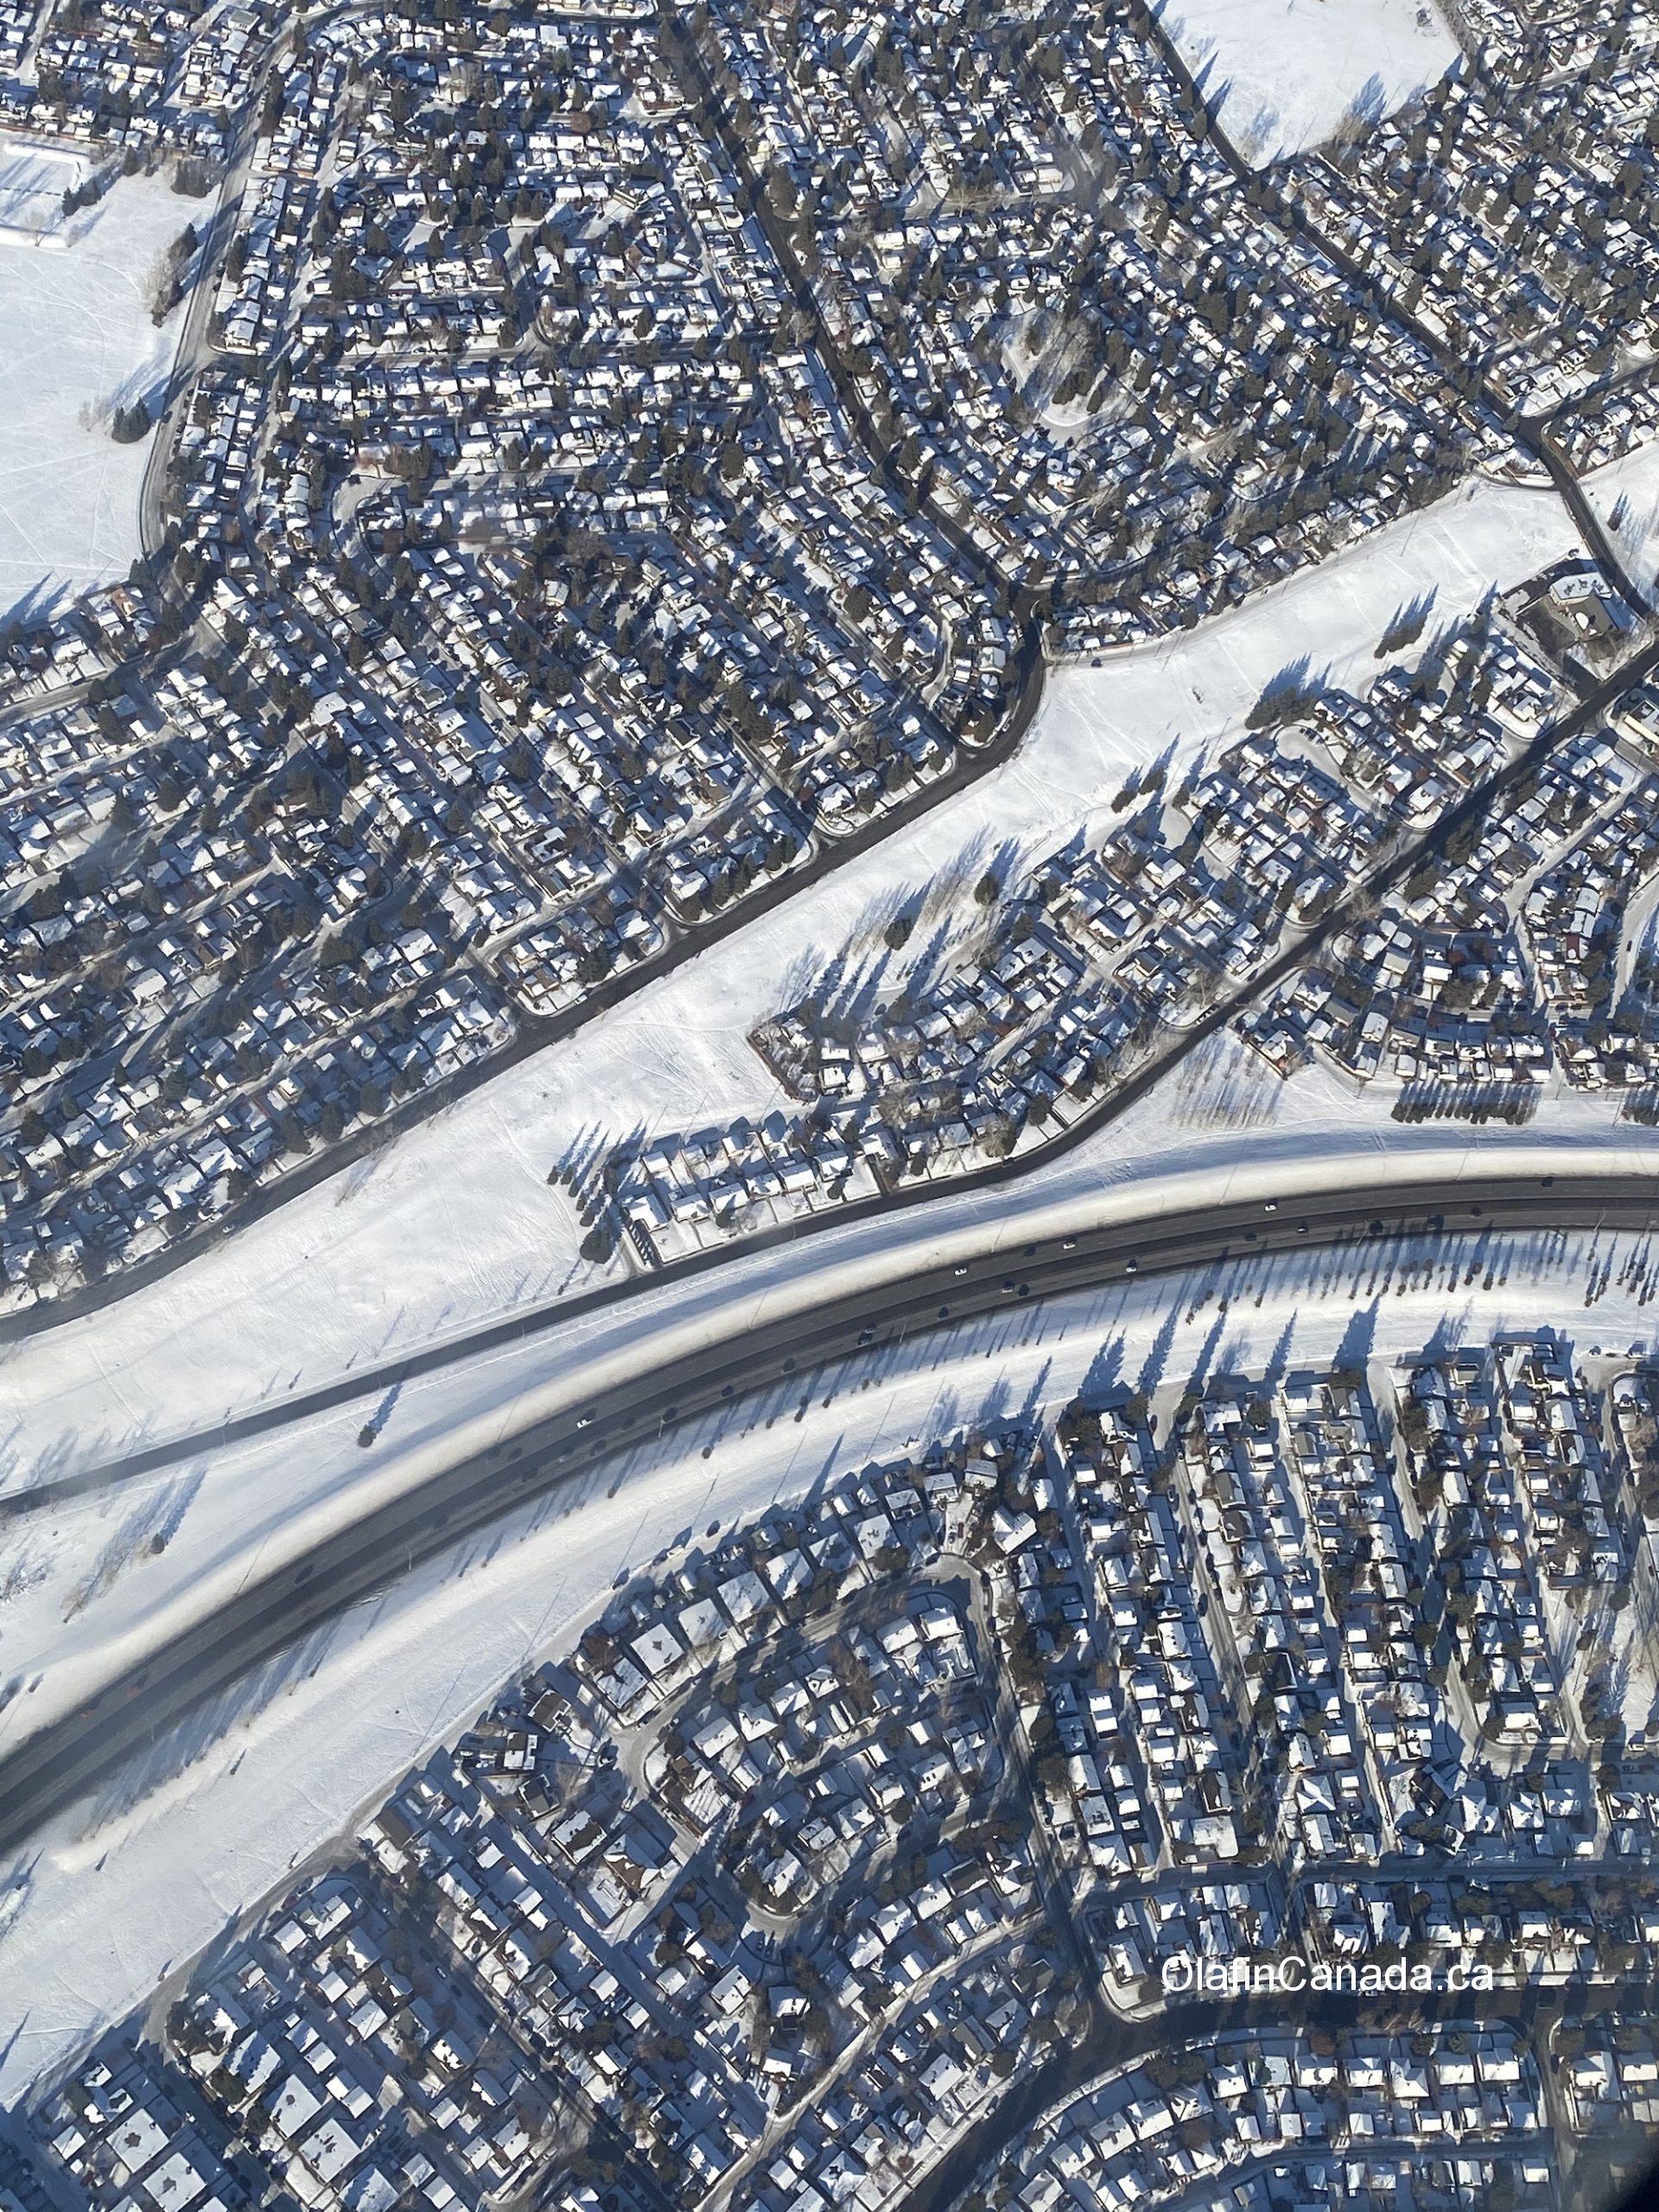 Suburbs from above, Calgary Alberta #olafincanada #alberta #calgary